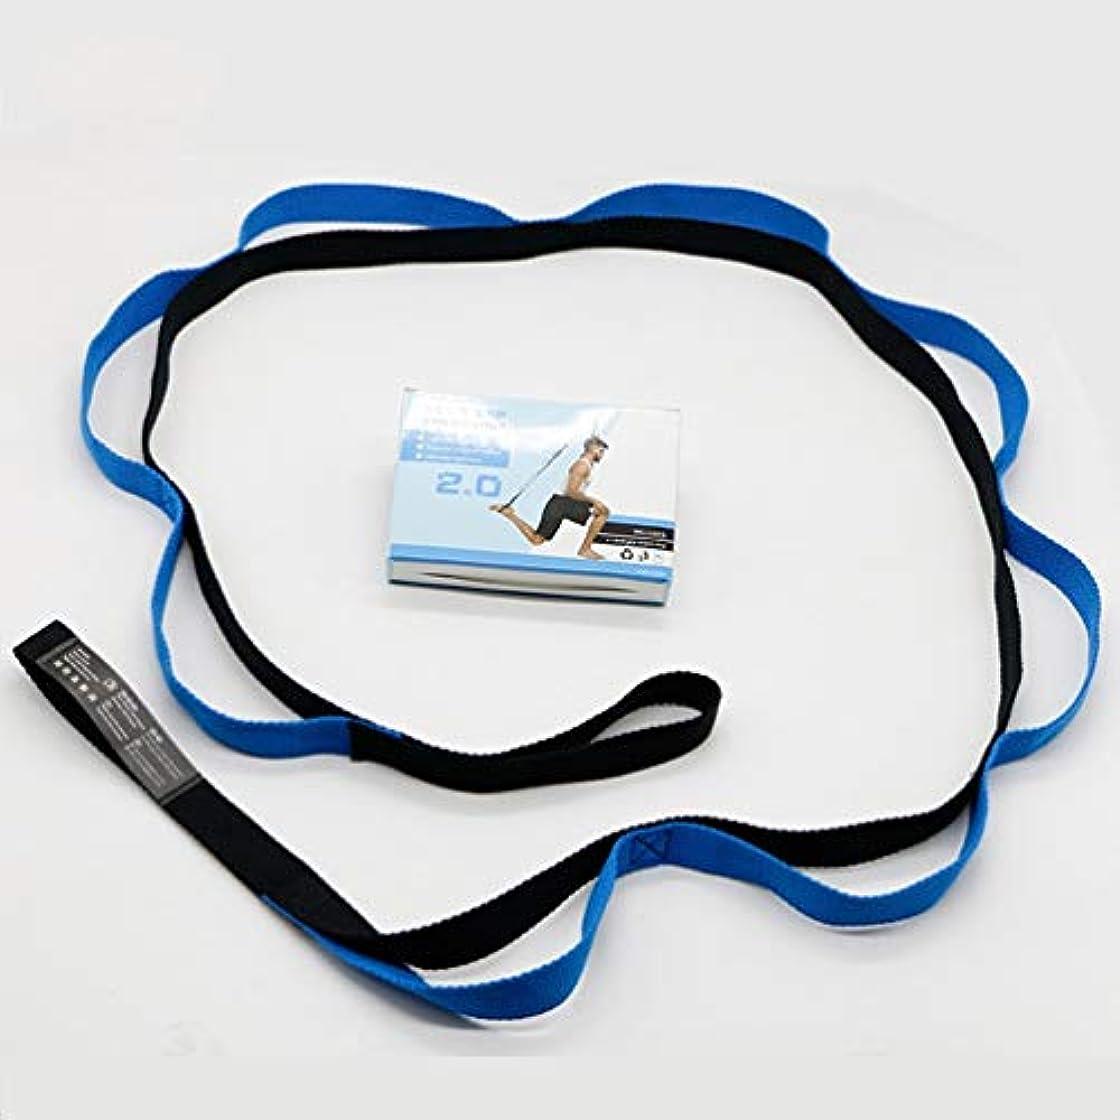 考えた外出画面フィットネスエクササイズジムヨガストレッチアウトストラップ弾性ベルトウエストレッグアームエクステンションストラップベルトスポーツユニセックストレーニングベルトバンド - ブルー&ブラック